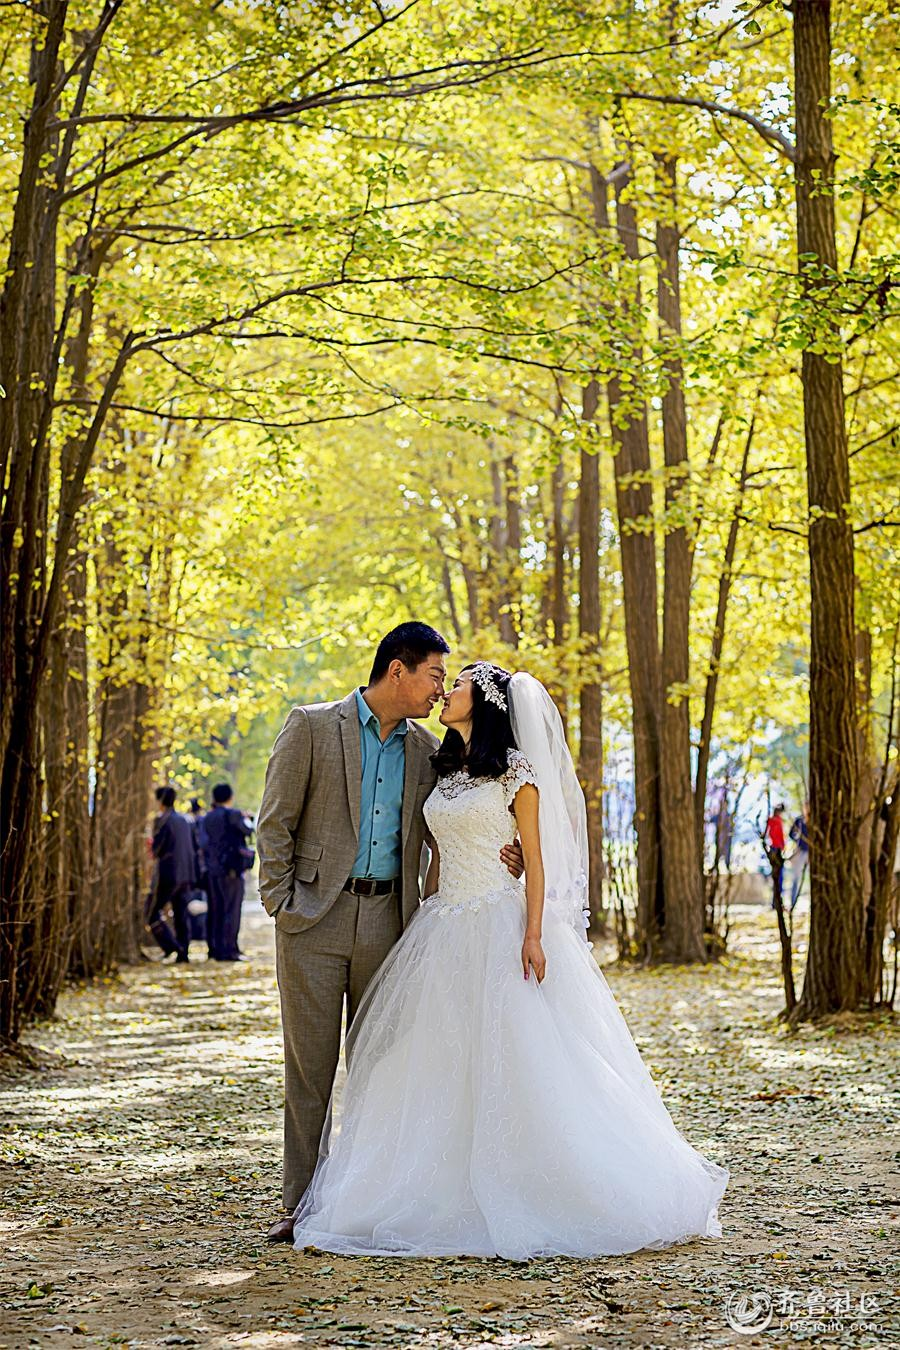 壁纸 风景 婚纱 婚纱照 森林 桌面 900_1350 竖版 竖屏 手机